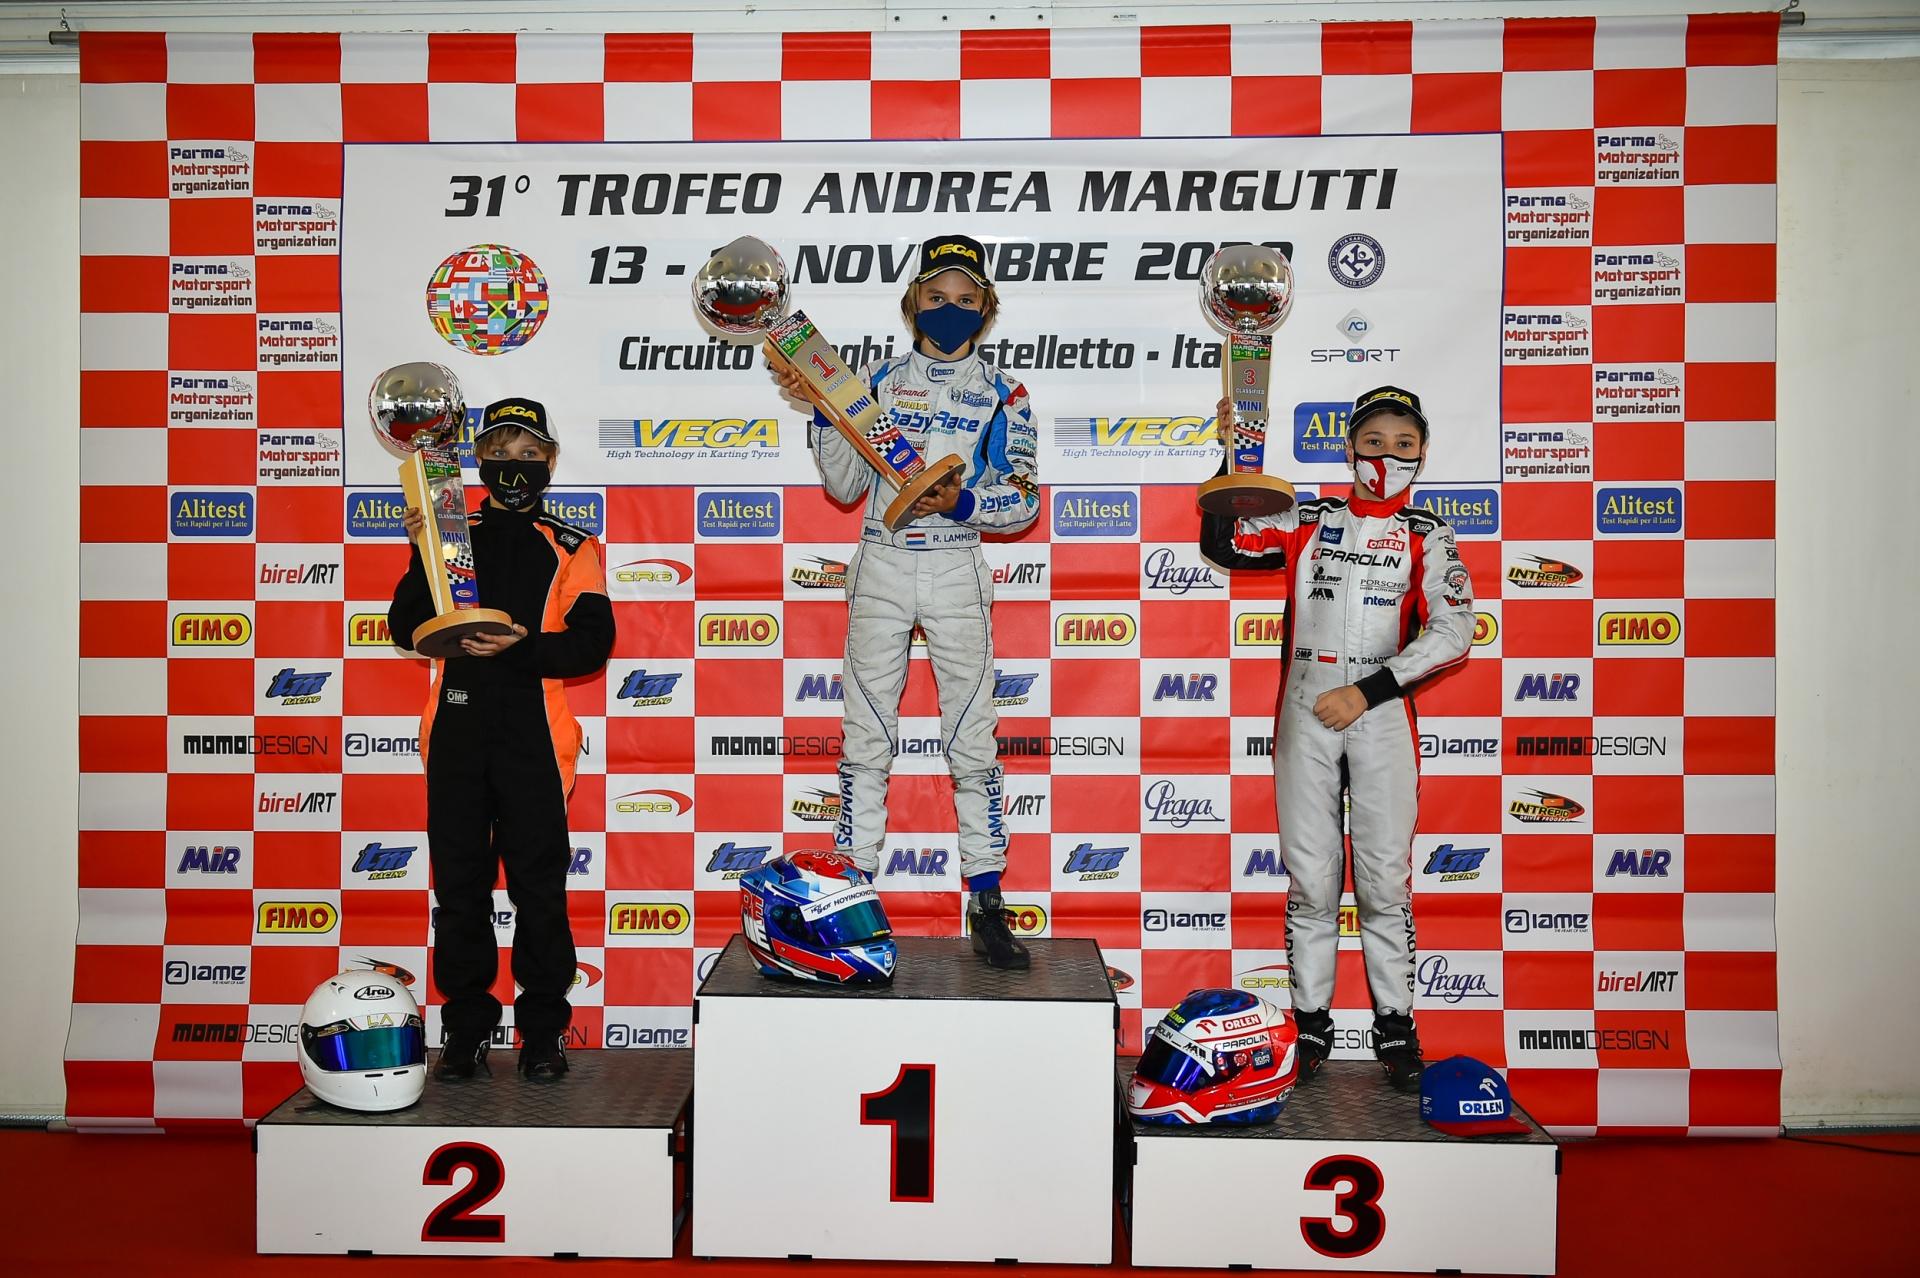 Maciej Gladysz in third place at Margutti Trophy 2020